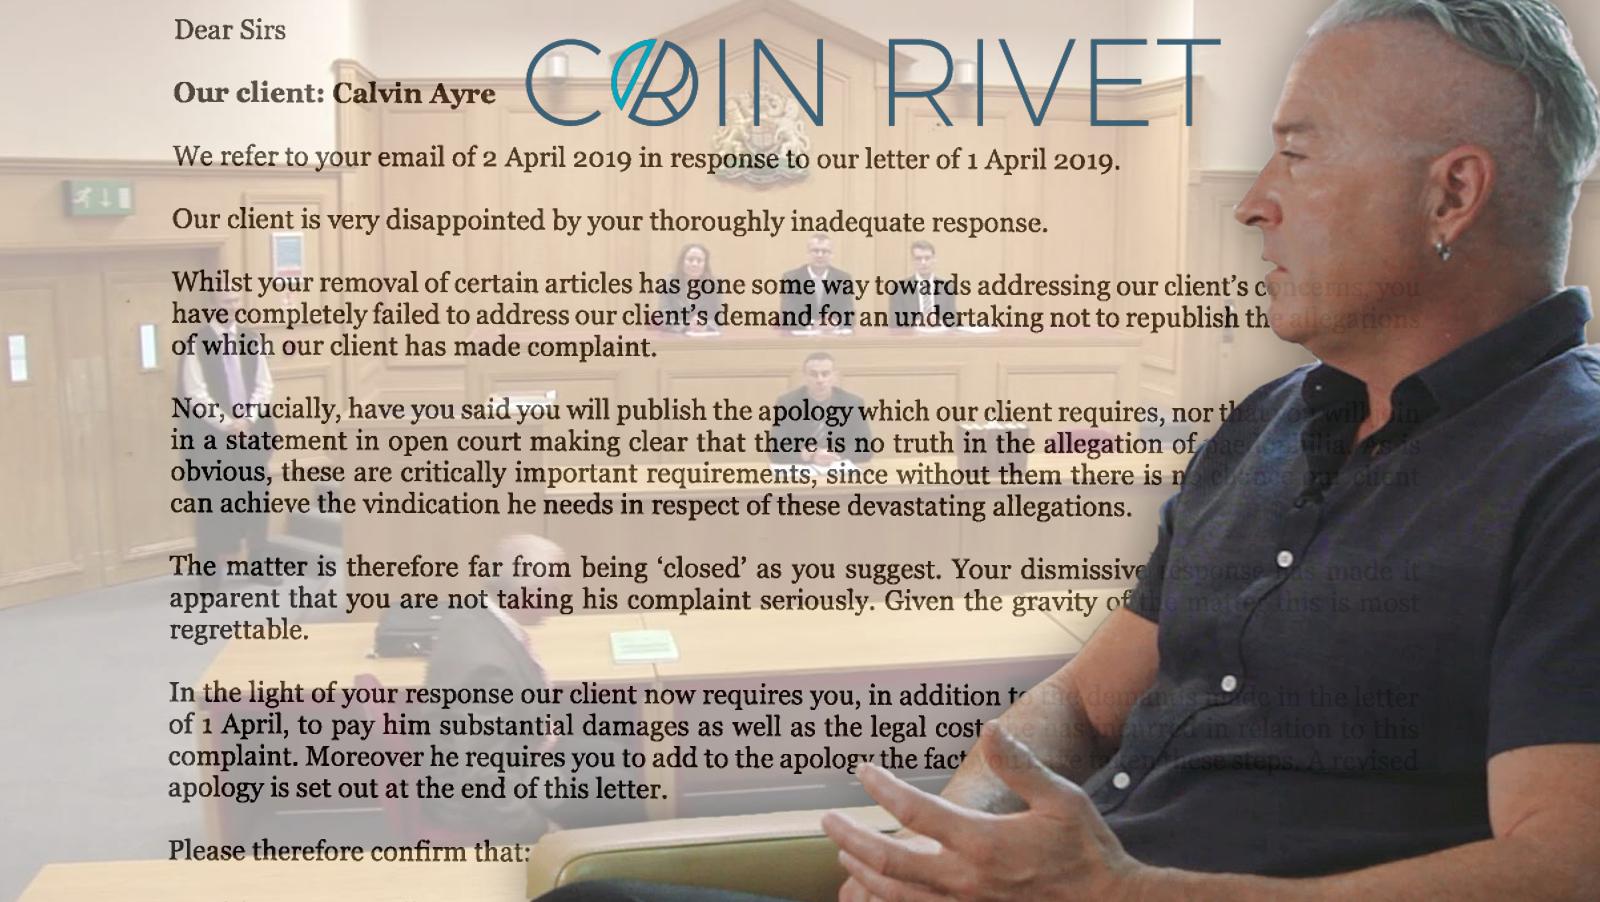 calvin-ayre-coin-rivet-bitcoin-disinformation-campaign-FP